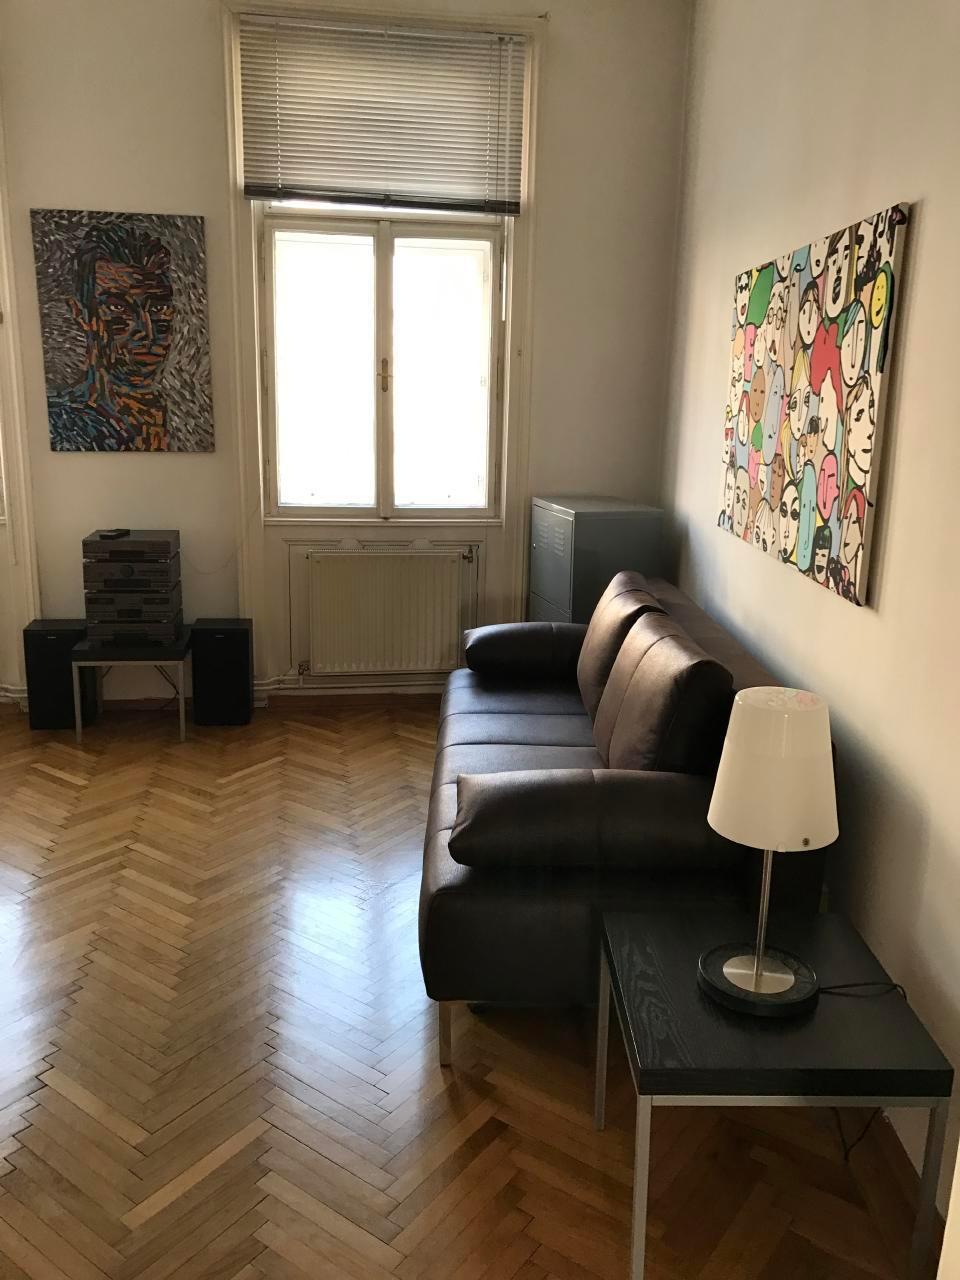 Appartement de vacances Ferienwohnung (359405), Vienne, , Vienne, Autriche, image 3